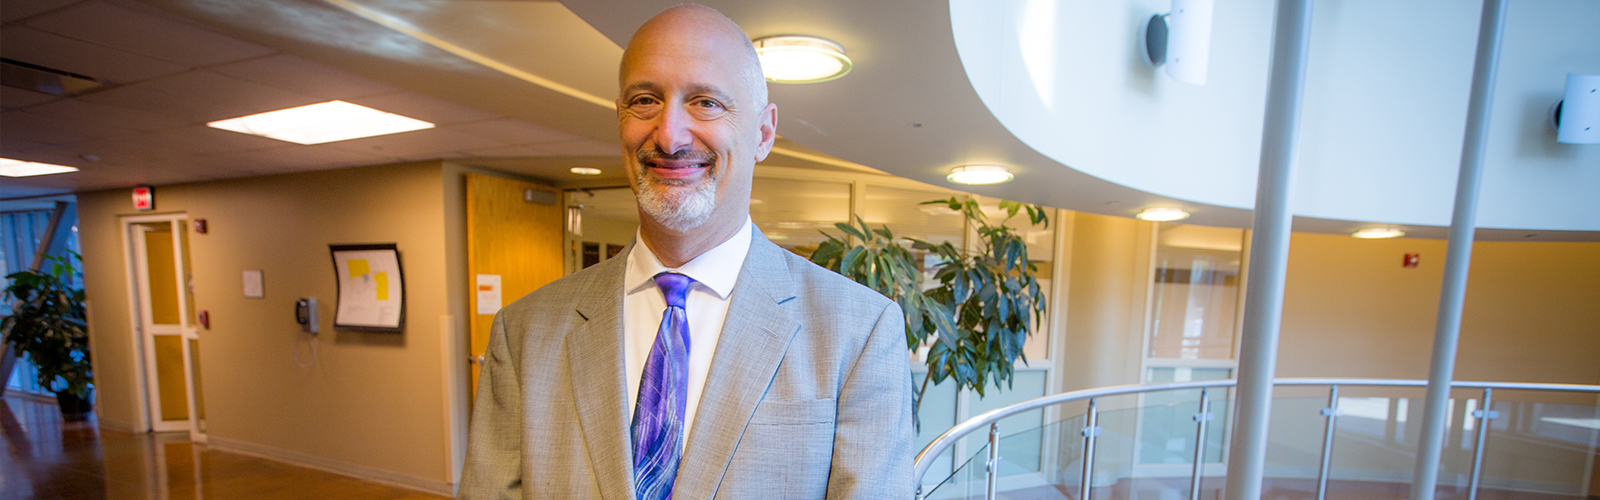 Dean Evan T. Robinson, RPh, PhD